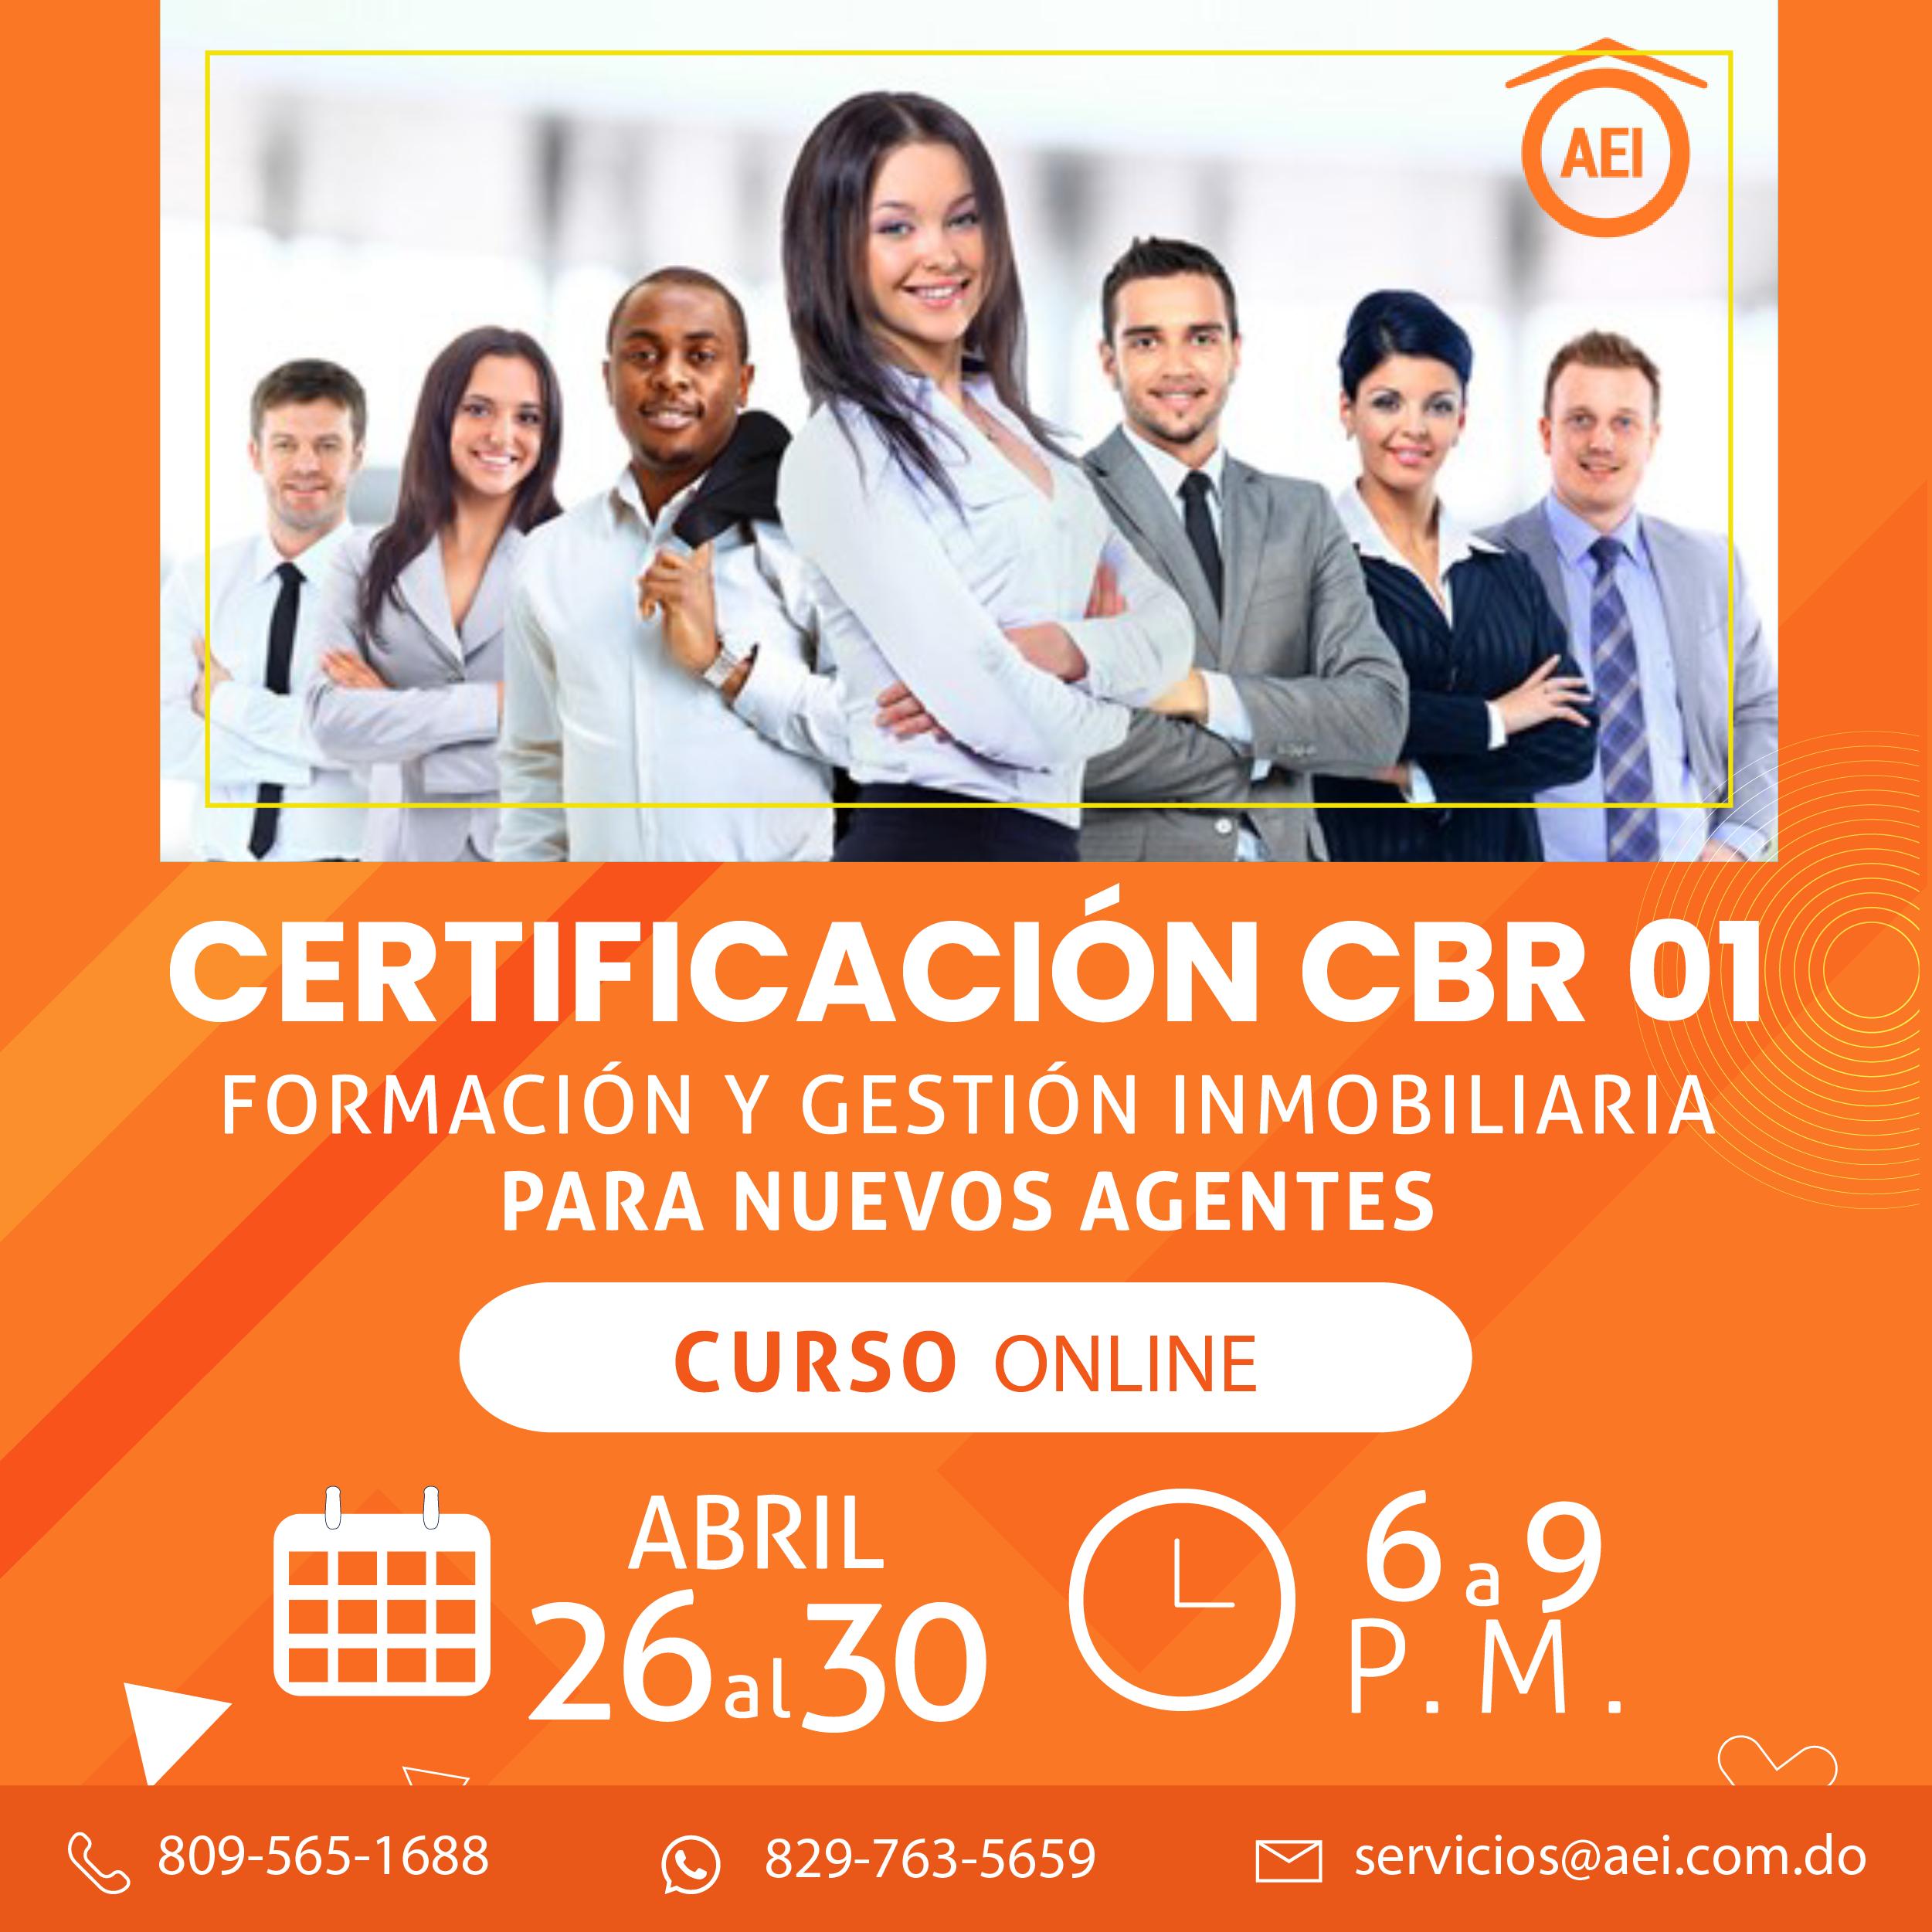 Certificación CBR 01